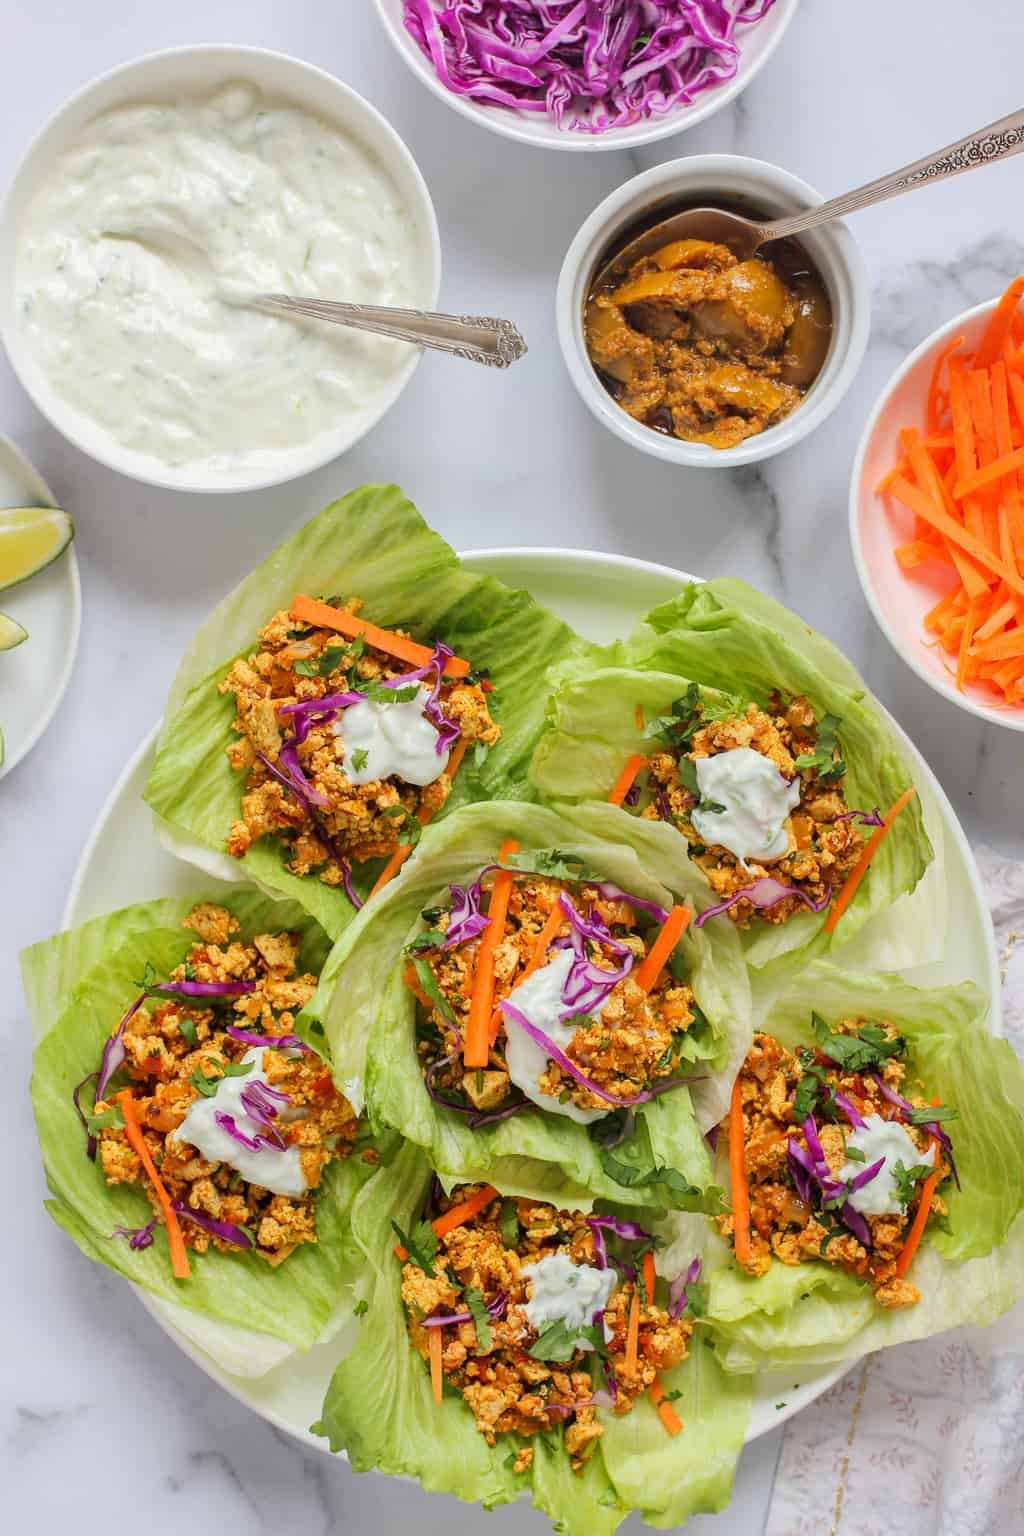 Spicy Tofu Lettuce Wraps Recipe Tofu lettuce wraps